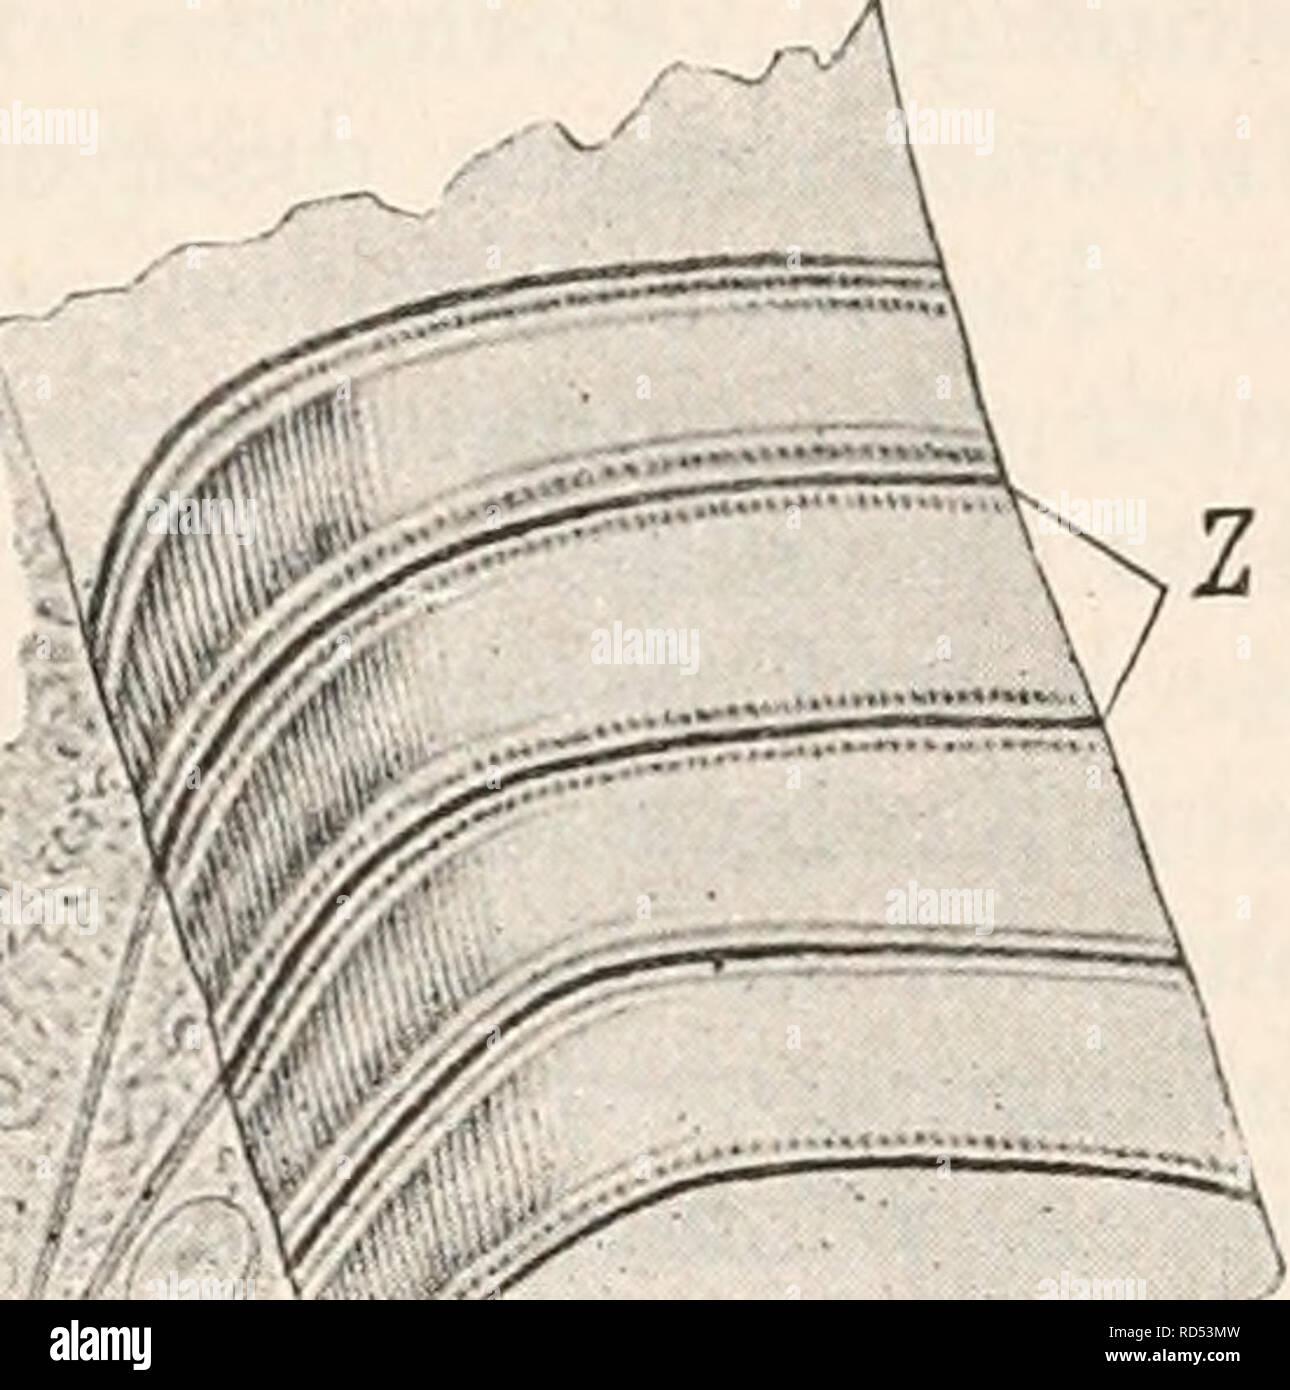 """. Elektrophysiologie. Die elektromotorischen Wirkungen der Nerven. 737. sondere die Thoraxmuskeln grösserer Heuschreckenarten bei An- wendung derselben Methode überaus schöne und klare Bilder, welche indessen durch den Reichthum der Nervenverzweigungen oft an die Rumpfmuskeln der Crustaceen erinnern. Wo sich jedoch gut ent- wickelte Doyer'sche Hügel finden, da bleibt auch """"regelmässig die Verzweigung des eintretenden Axencylinders ähnlich wie bei den End- platten der Wirbelthiere eine local sehr beschränkte. So sah ich bei Hydrophilus den Axencylinder in der Substanz des Hügels sich meist Stock Photo"""